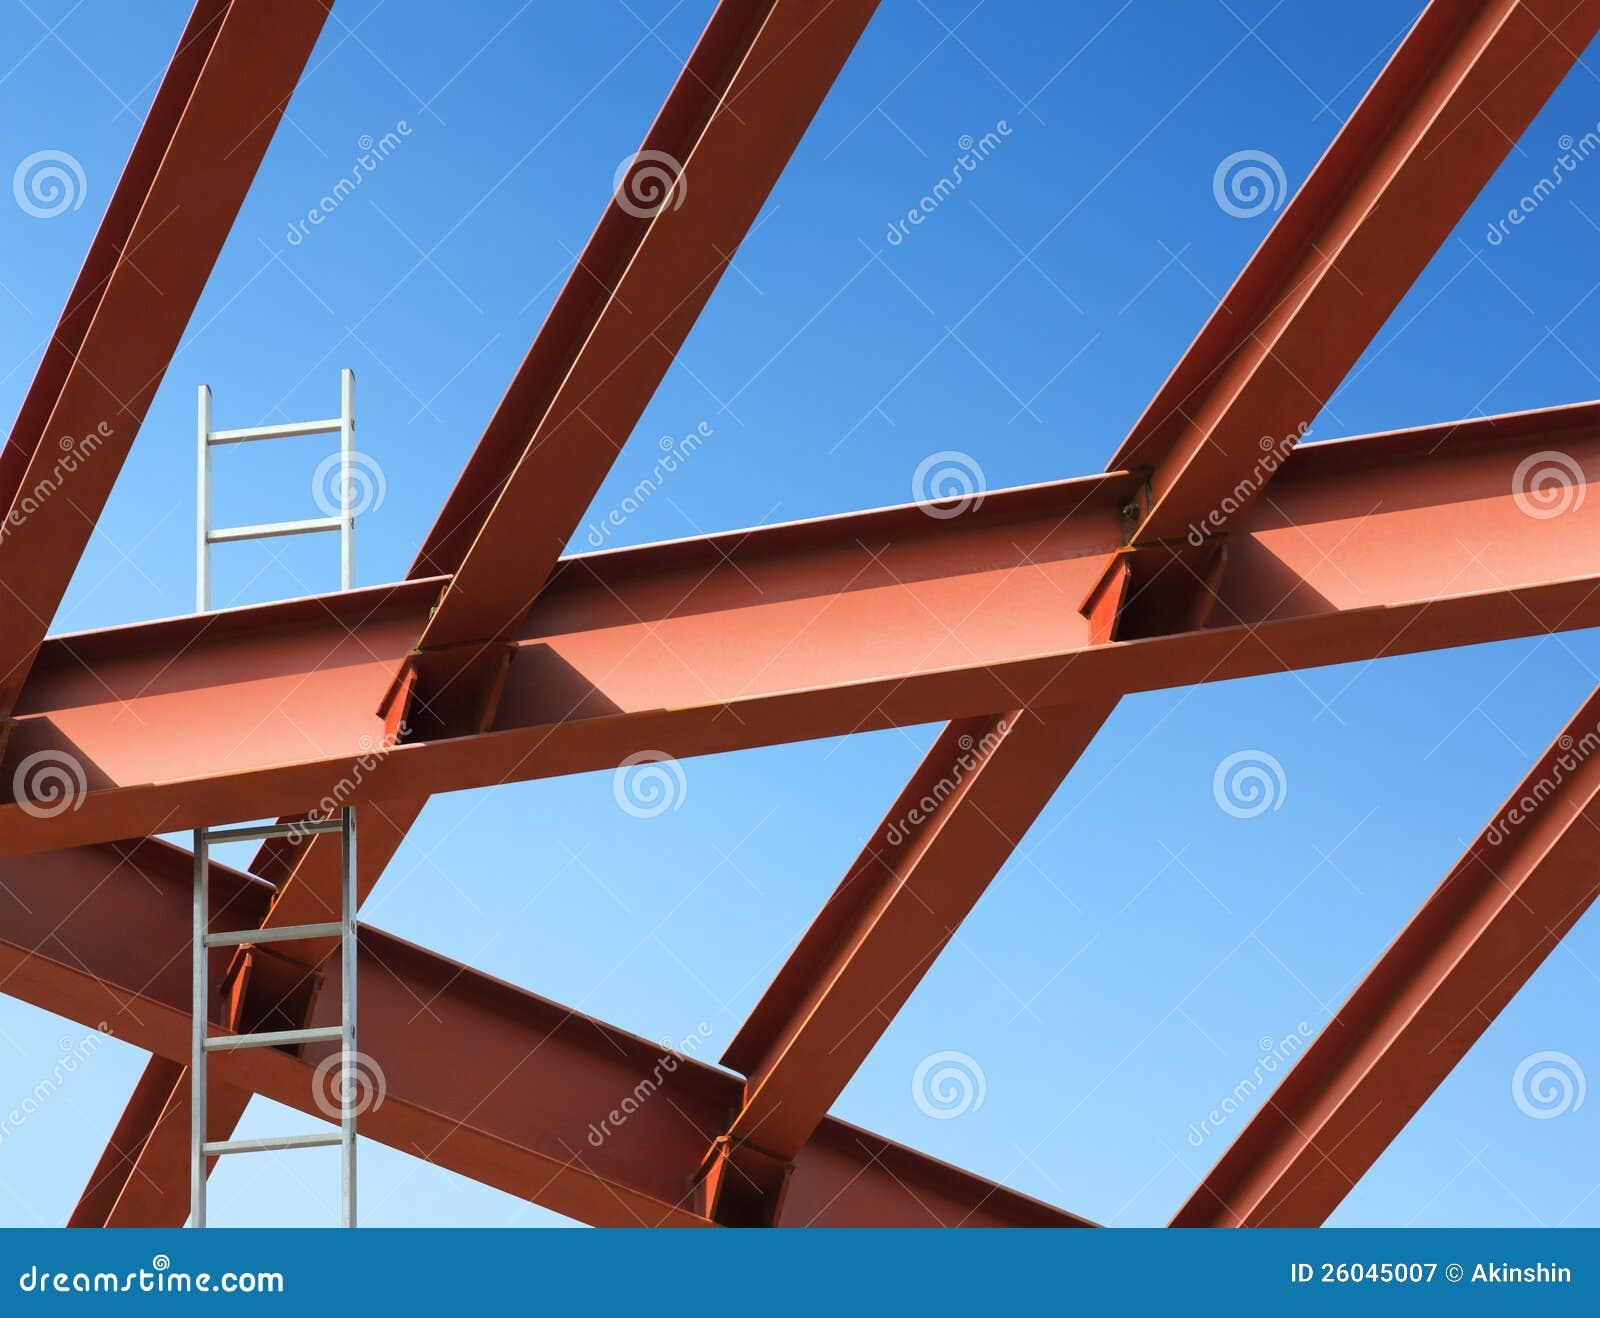 Vigas de acero y escala contra el cielo azul fotograf a - Tipos de vigas de acero ...